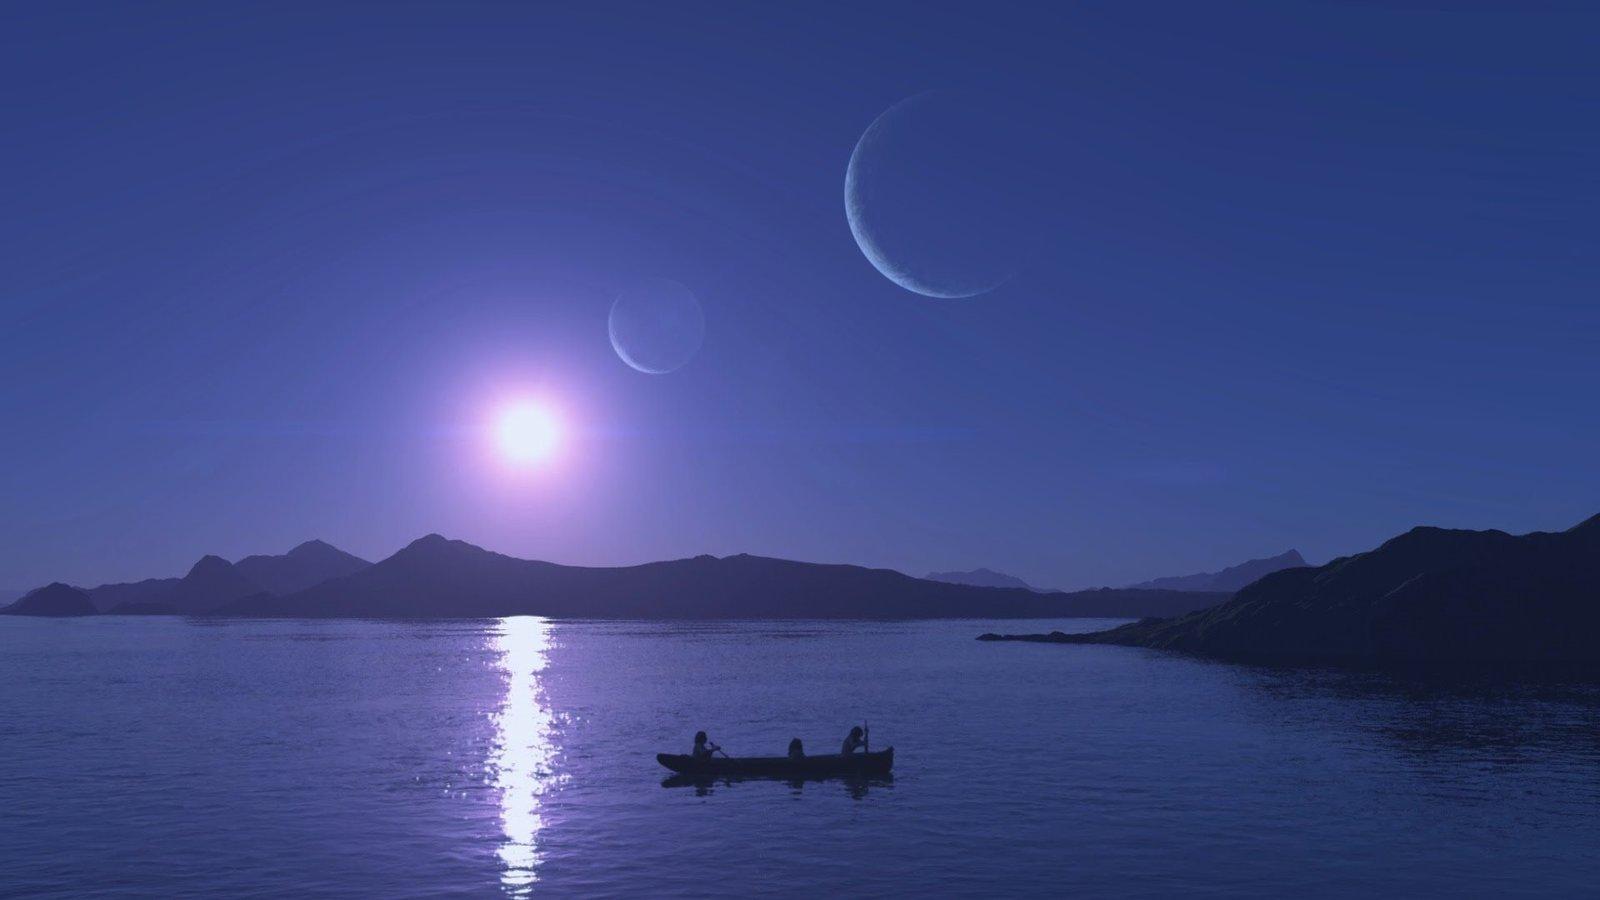 The Pearl Button - The Coastline of Chile